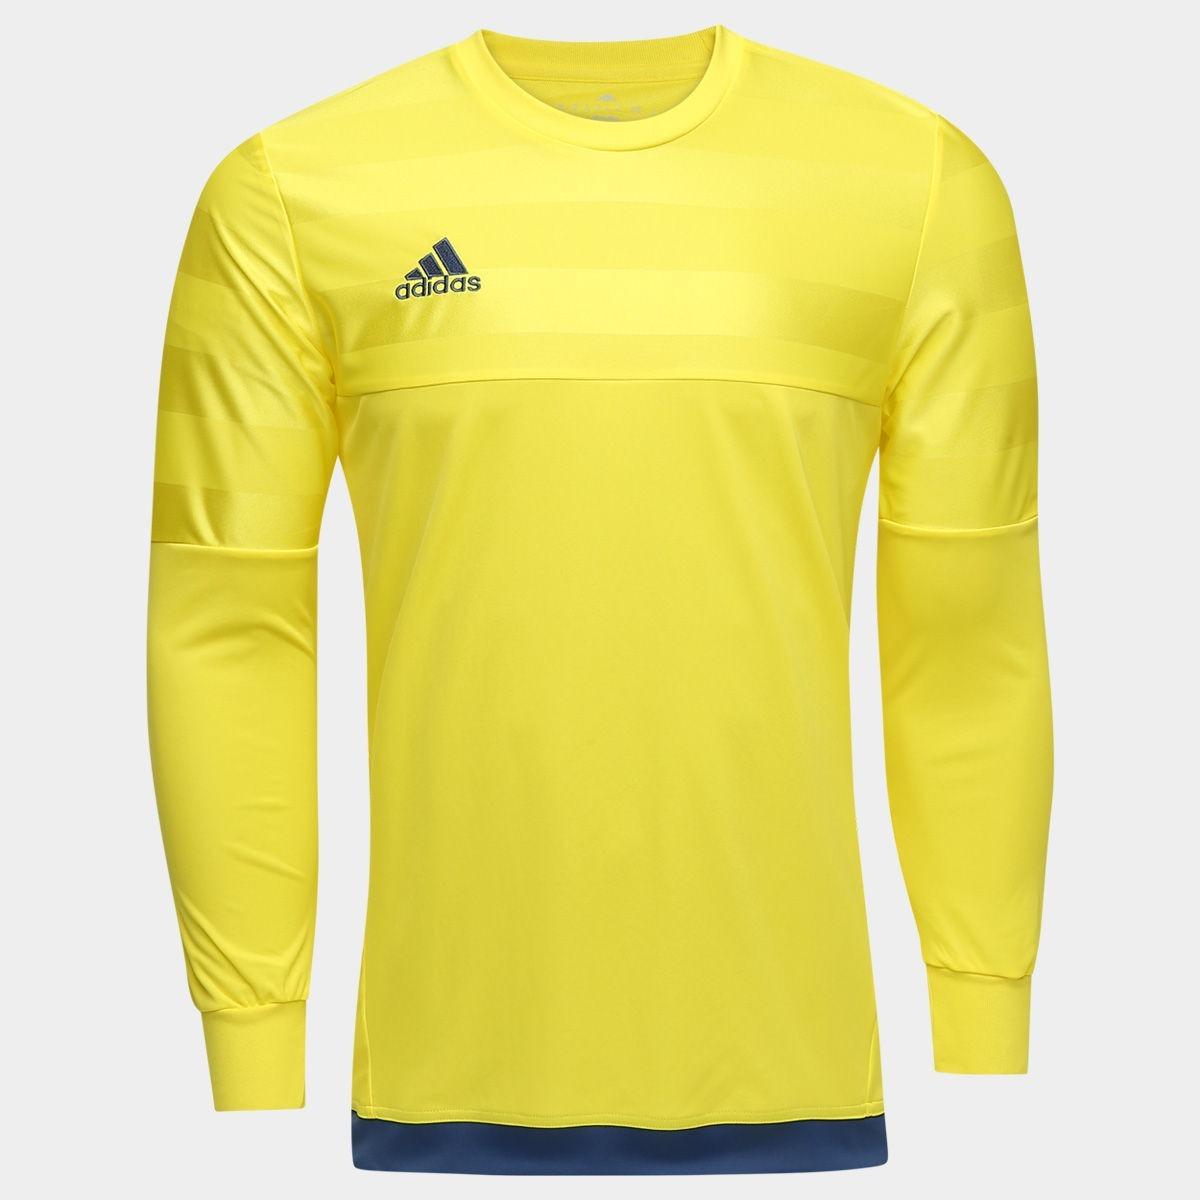 16d0e9edd43 camisa goleiro adidas manga longa entry 15 - amarelo. Carregando zoom.